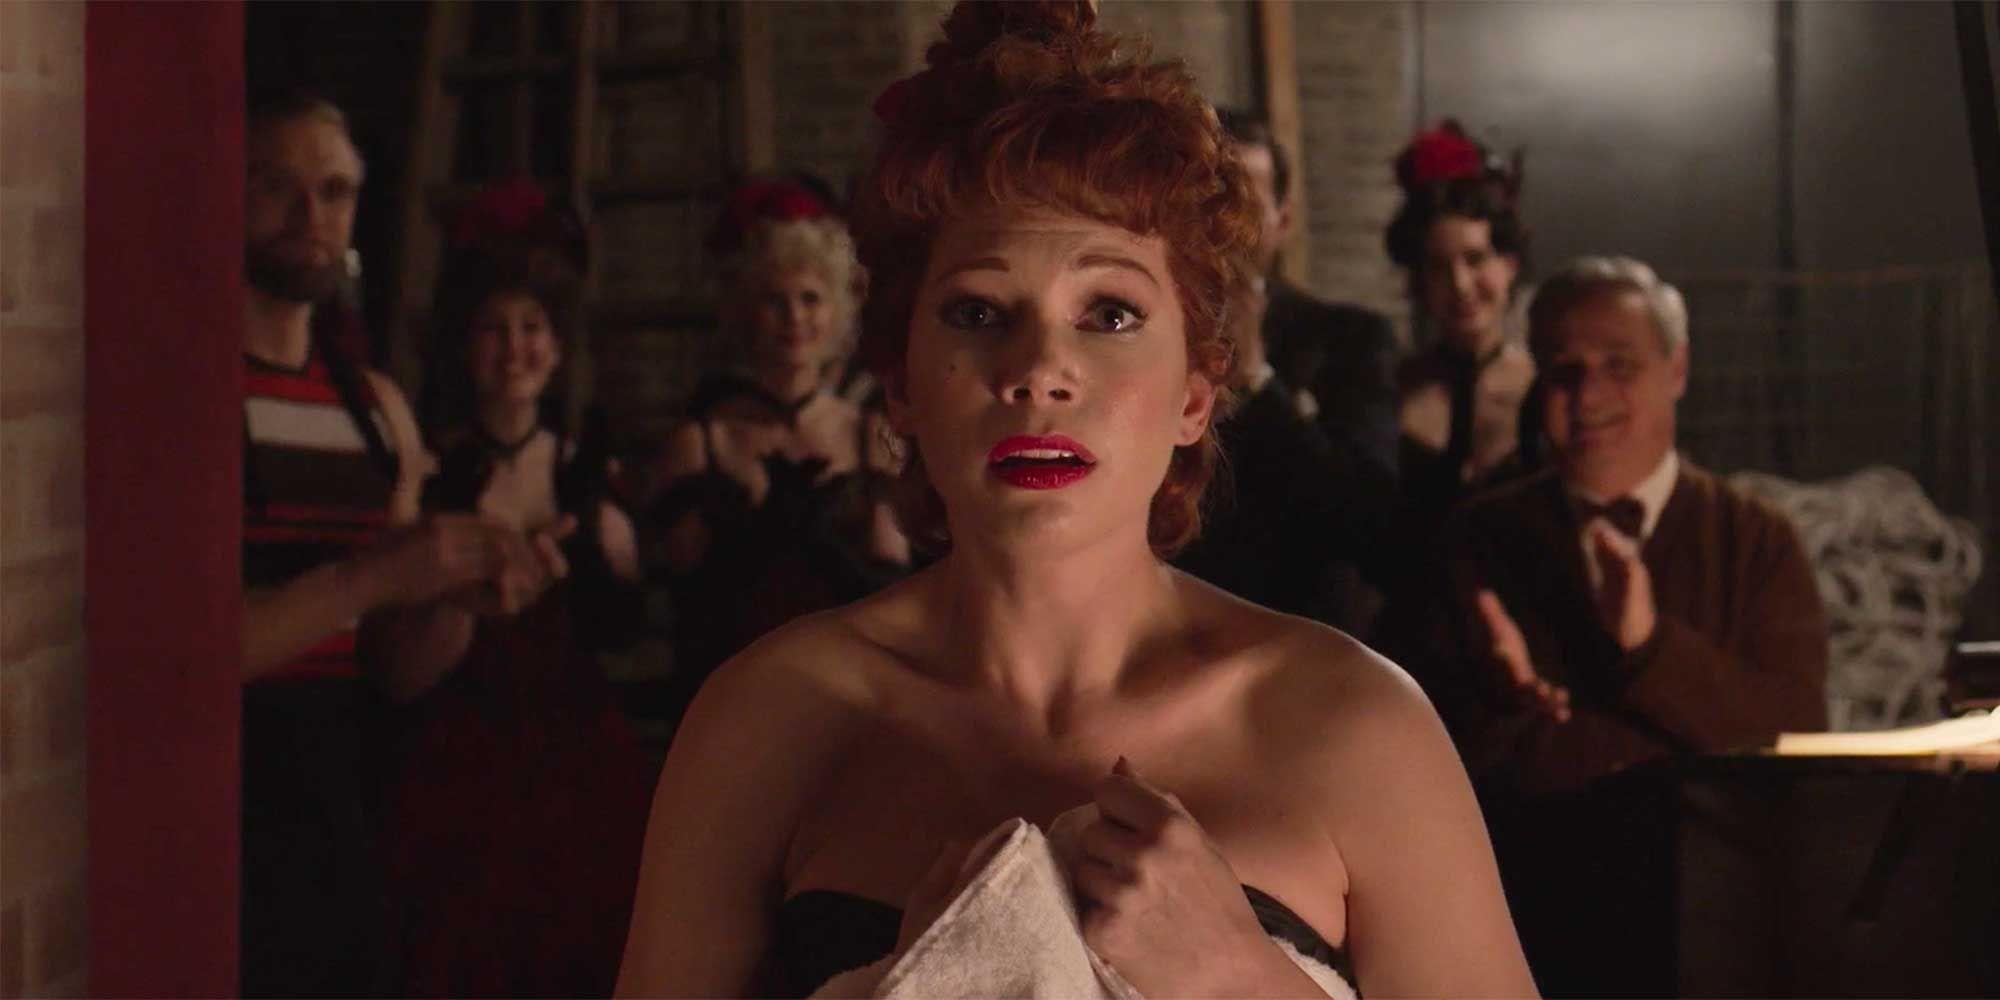 'Fosse/Verdon' 1x03: La verdad de Gwen - Crítica de 'Fosse/Verdon', la nueva serie de HBO España